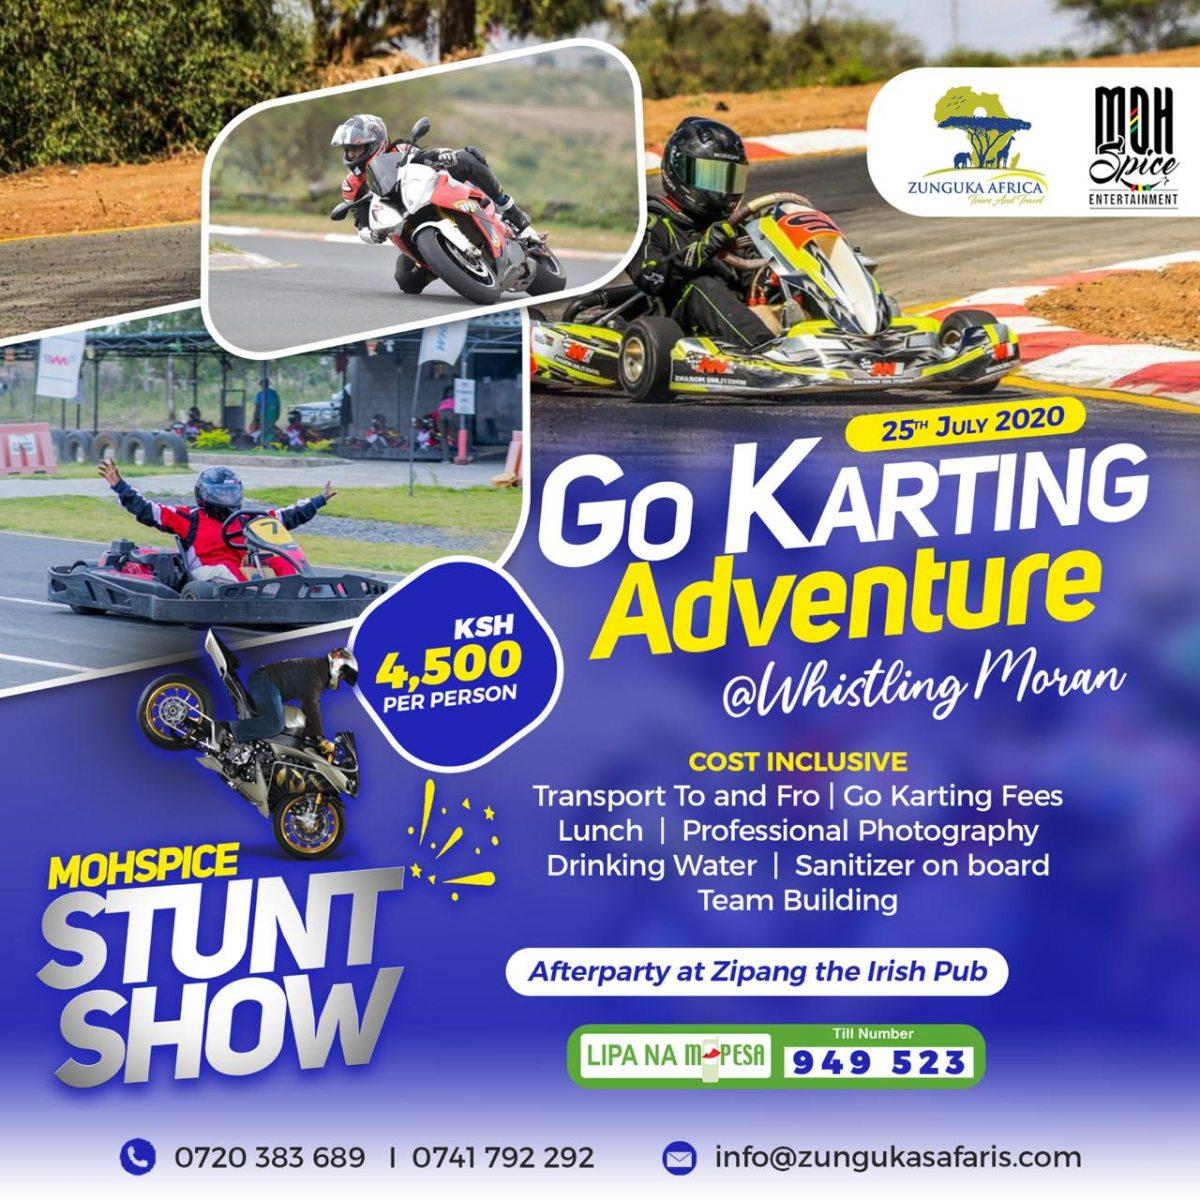 Go-karting event